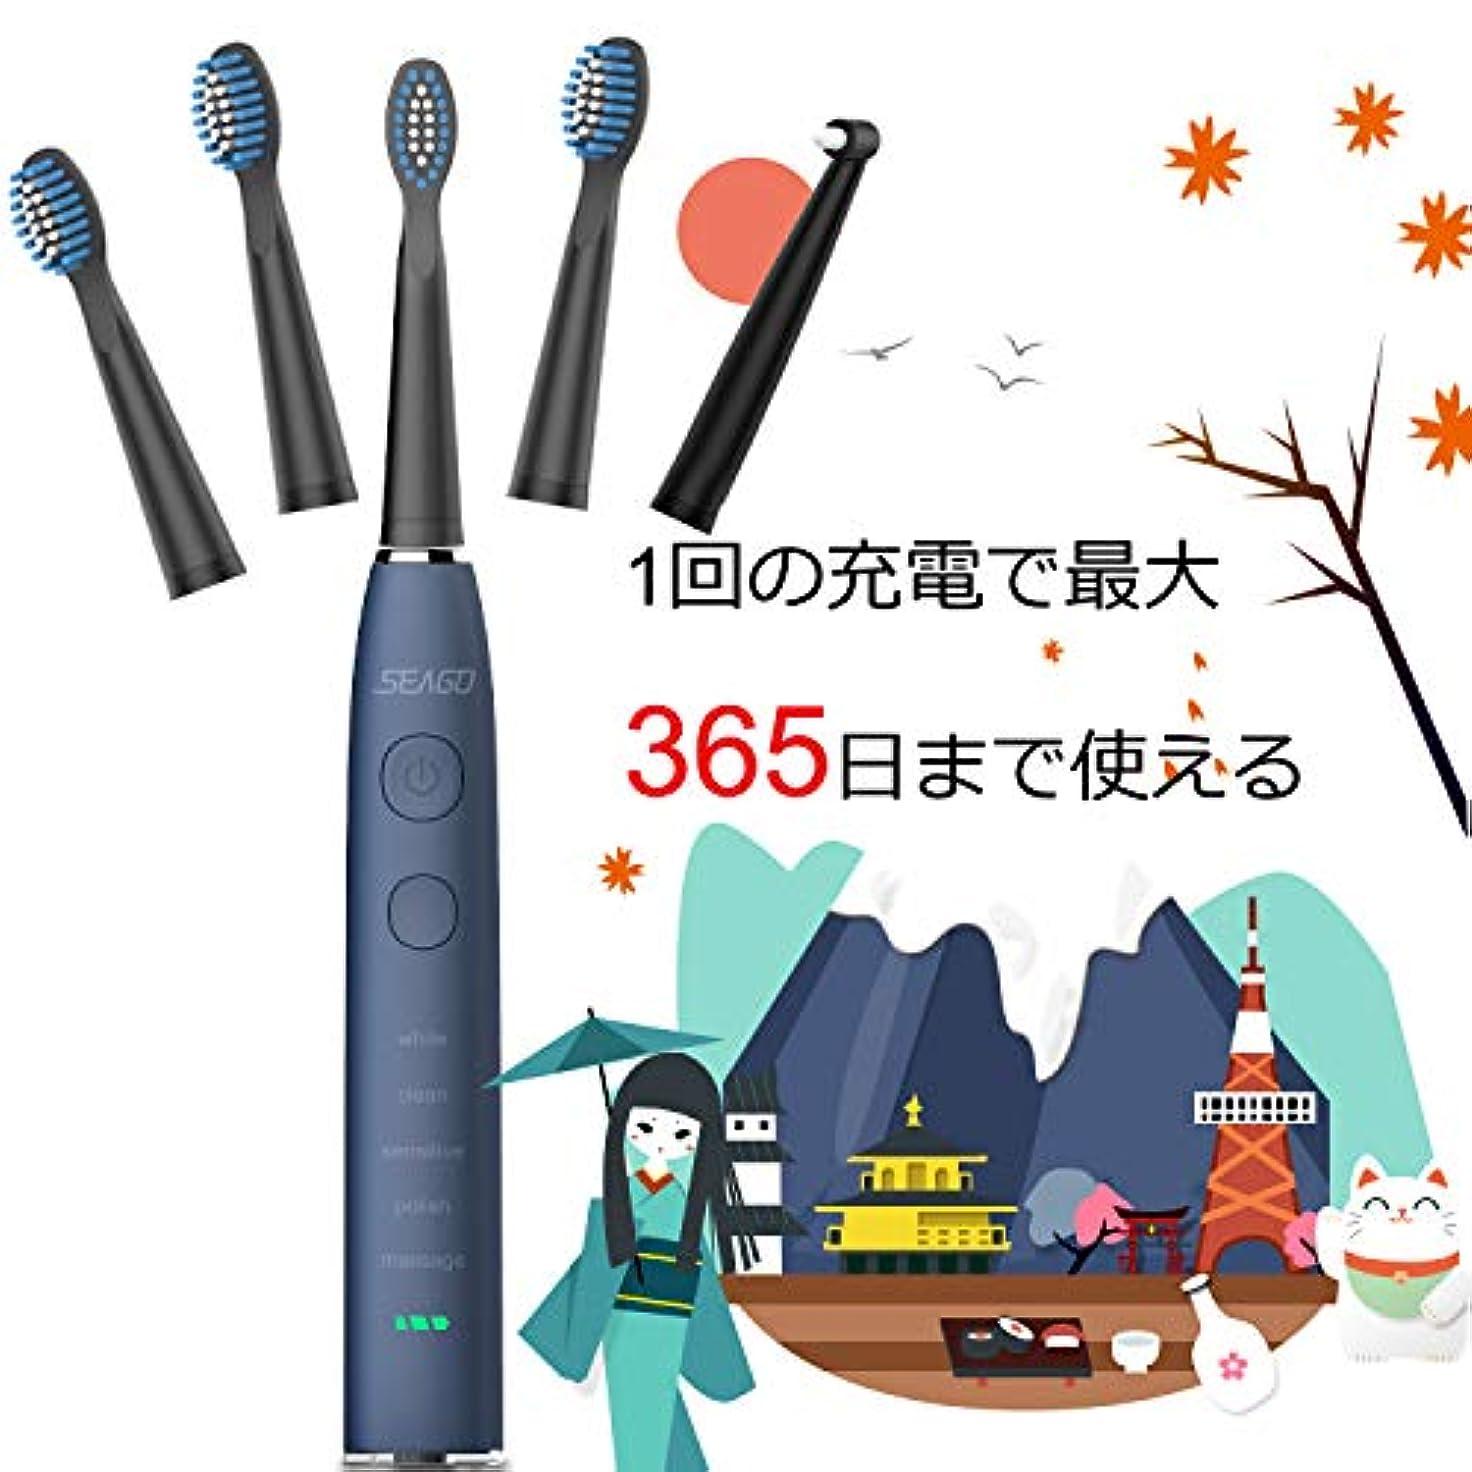 終了するワードローブ速い電動歯ブラシ 歯ブラシ seago 音波歯ブラシ USB充電式8時間 365日に使用 IPX7防水 五つモードと2分オートタイマー機能搭載 替えブラシ5本 12ヶ月メーカー保証 SG-575(ブルー)